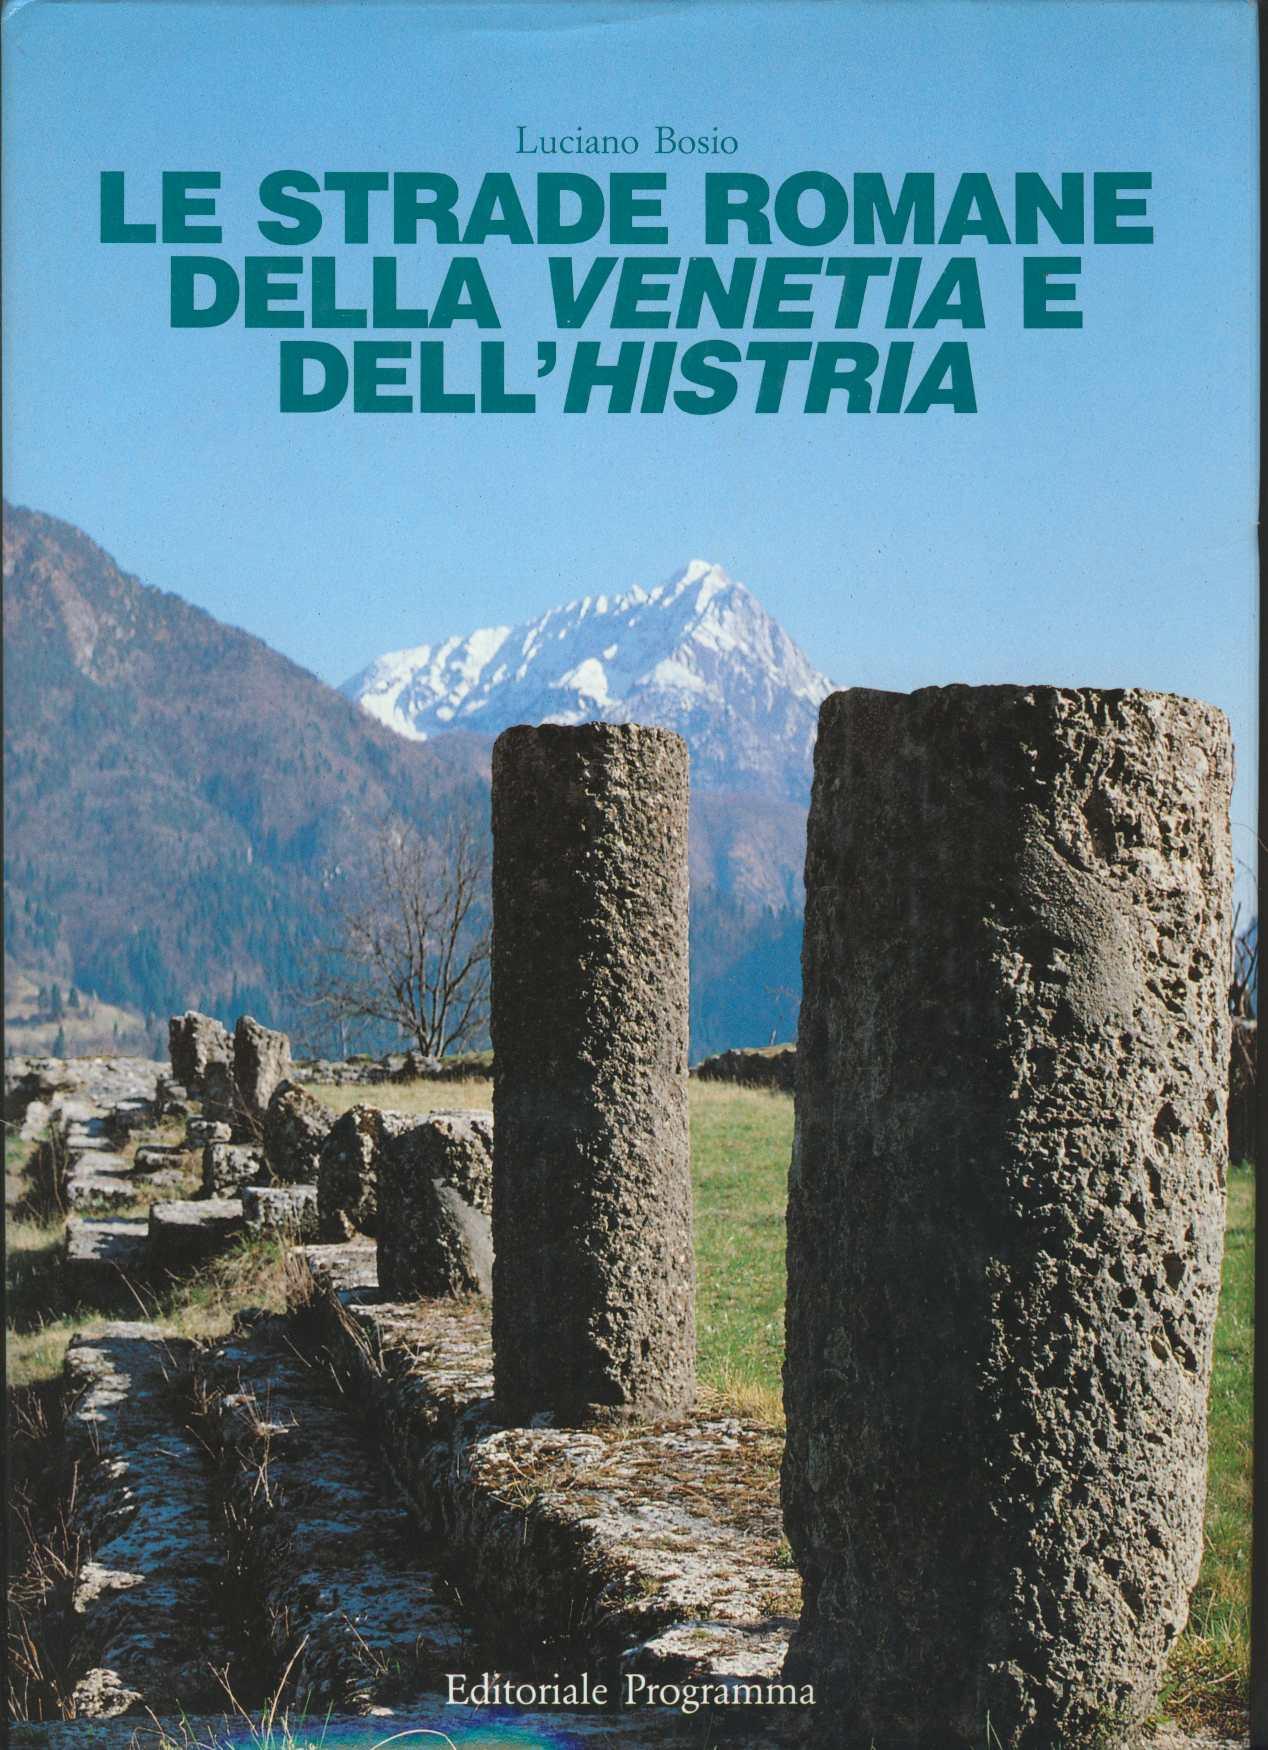 Le strade romane della Venetia e dell'Histria